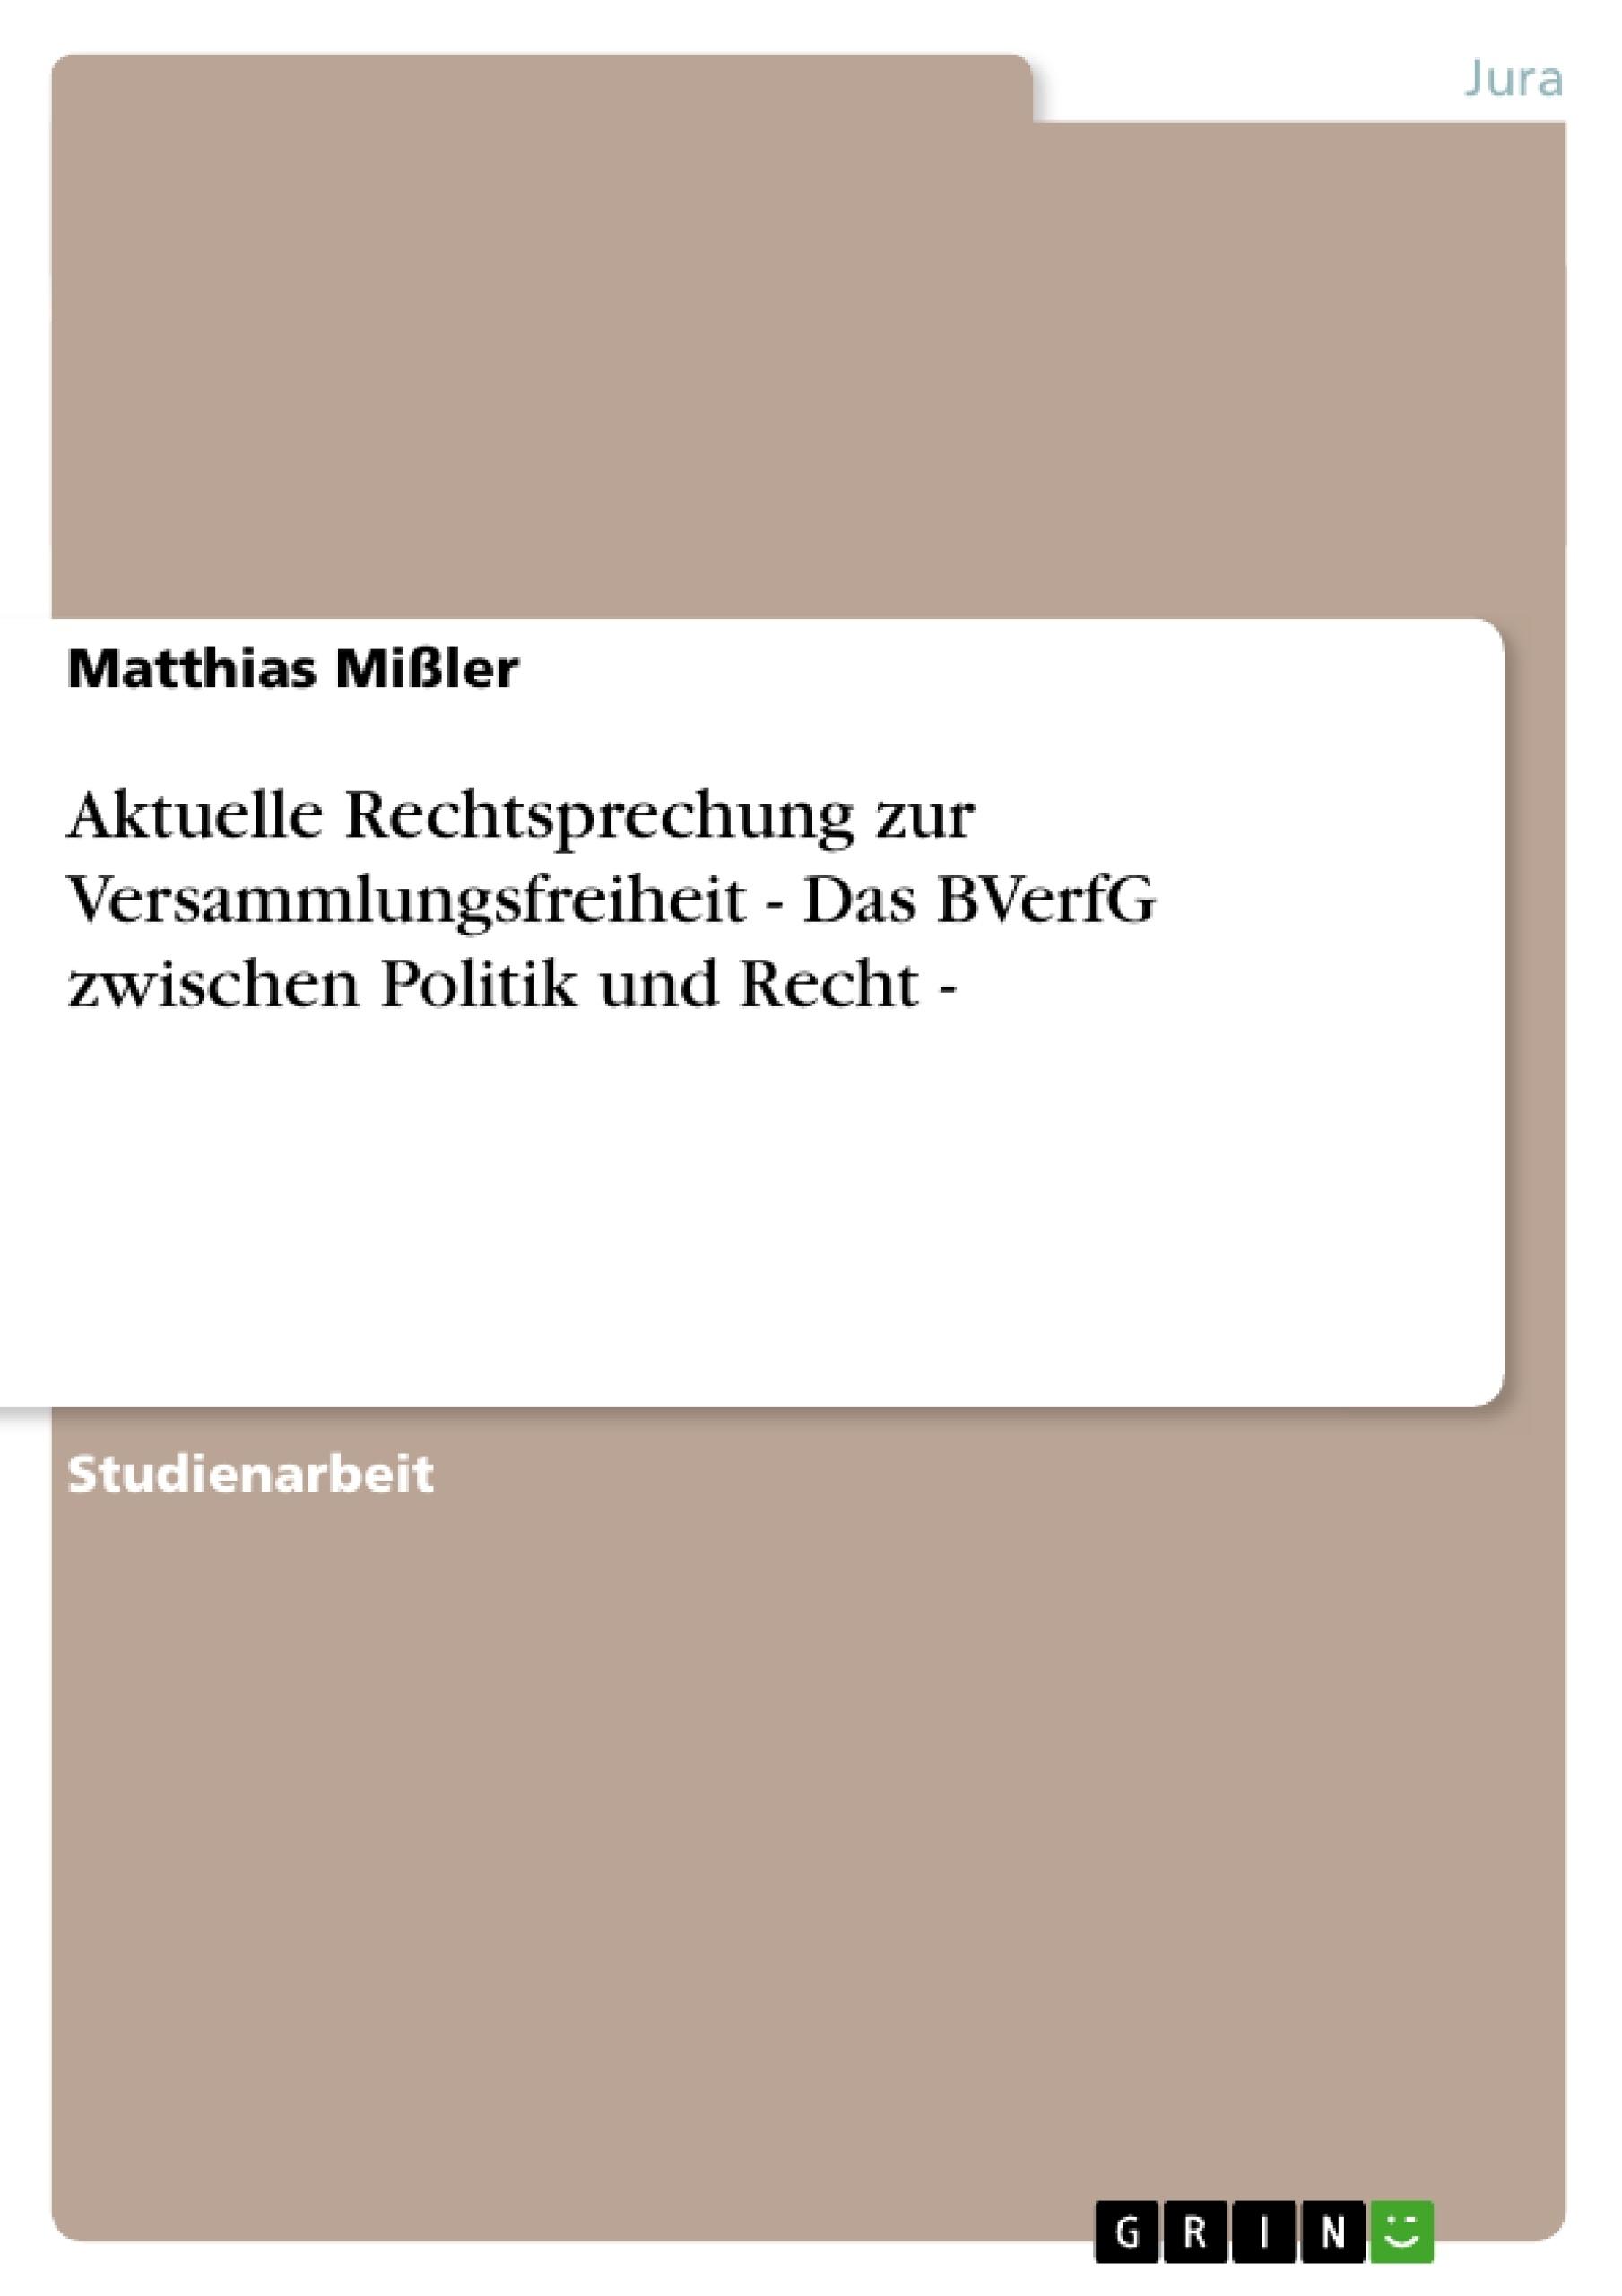 Titel: Aktuelle Rechtsprechung zur Versammlungsfreiheit - Das BVerfG zwischen Politik und Recht -